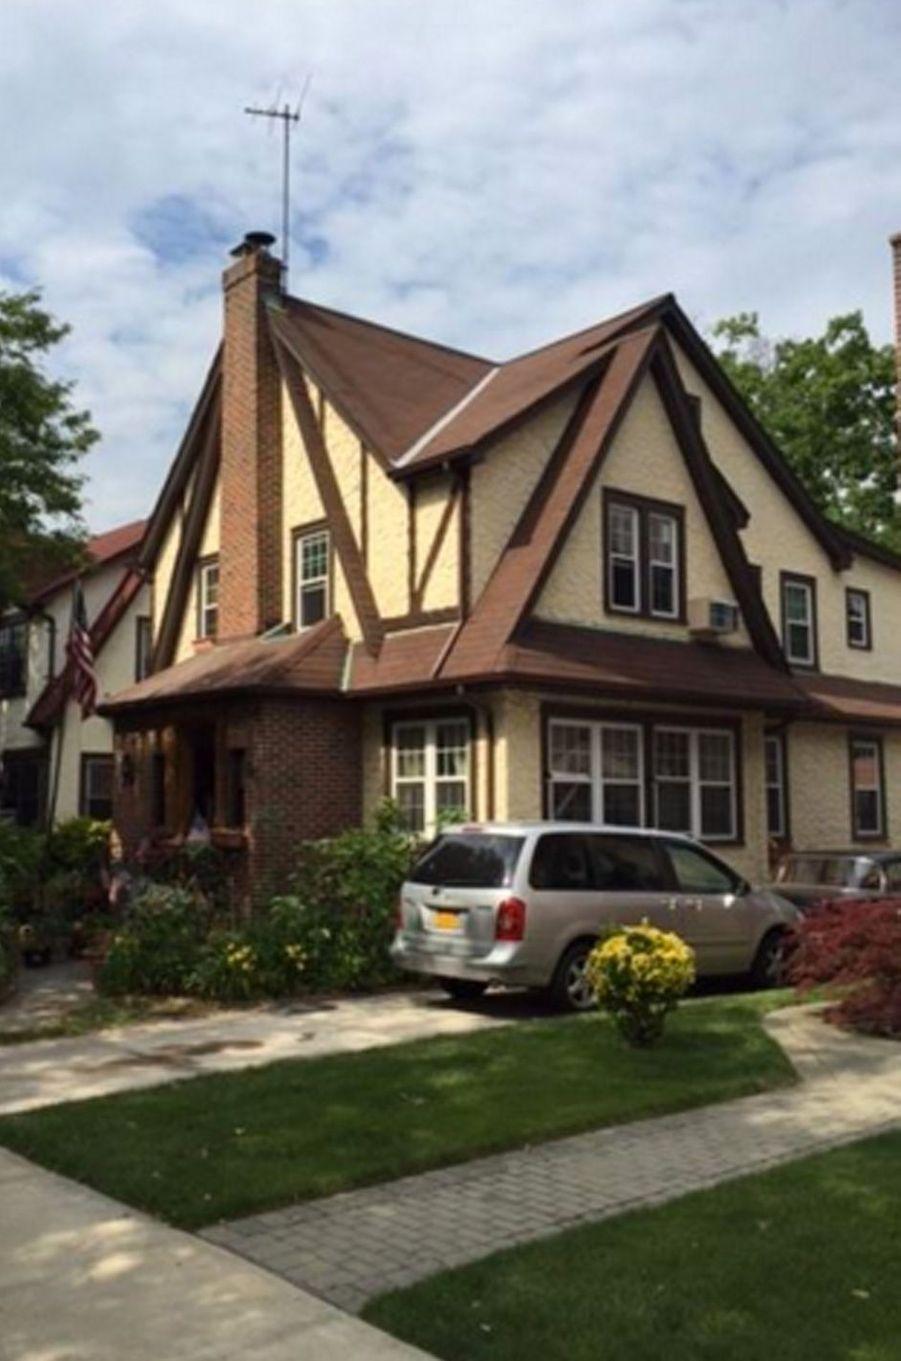 La maison d'enfance de Donald Trump est à la vente pour plus 1,5 million de dollars